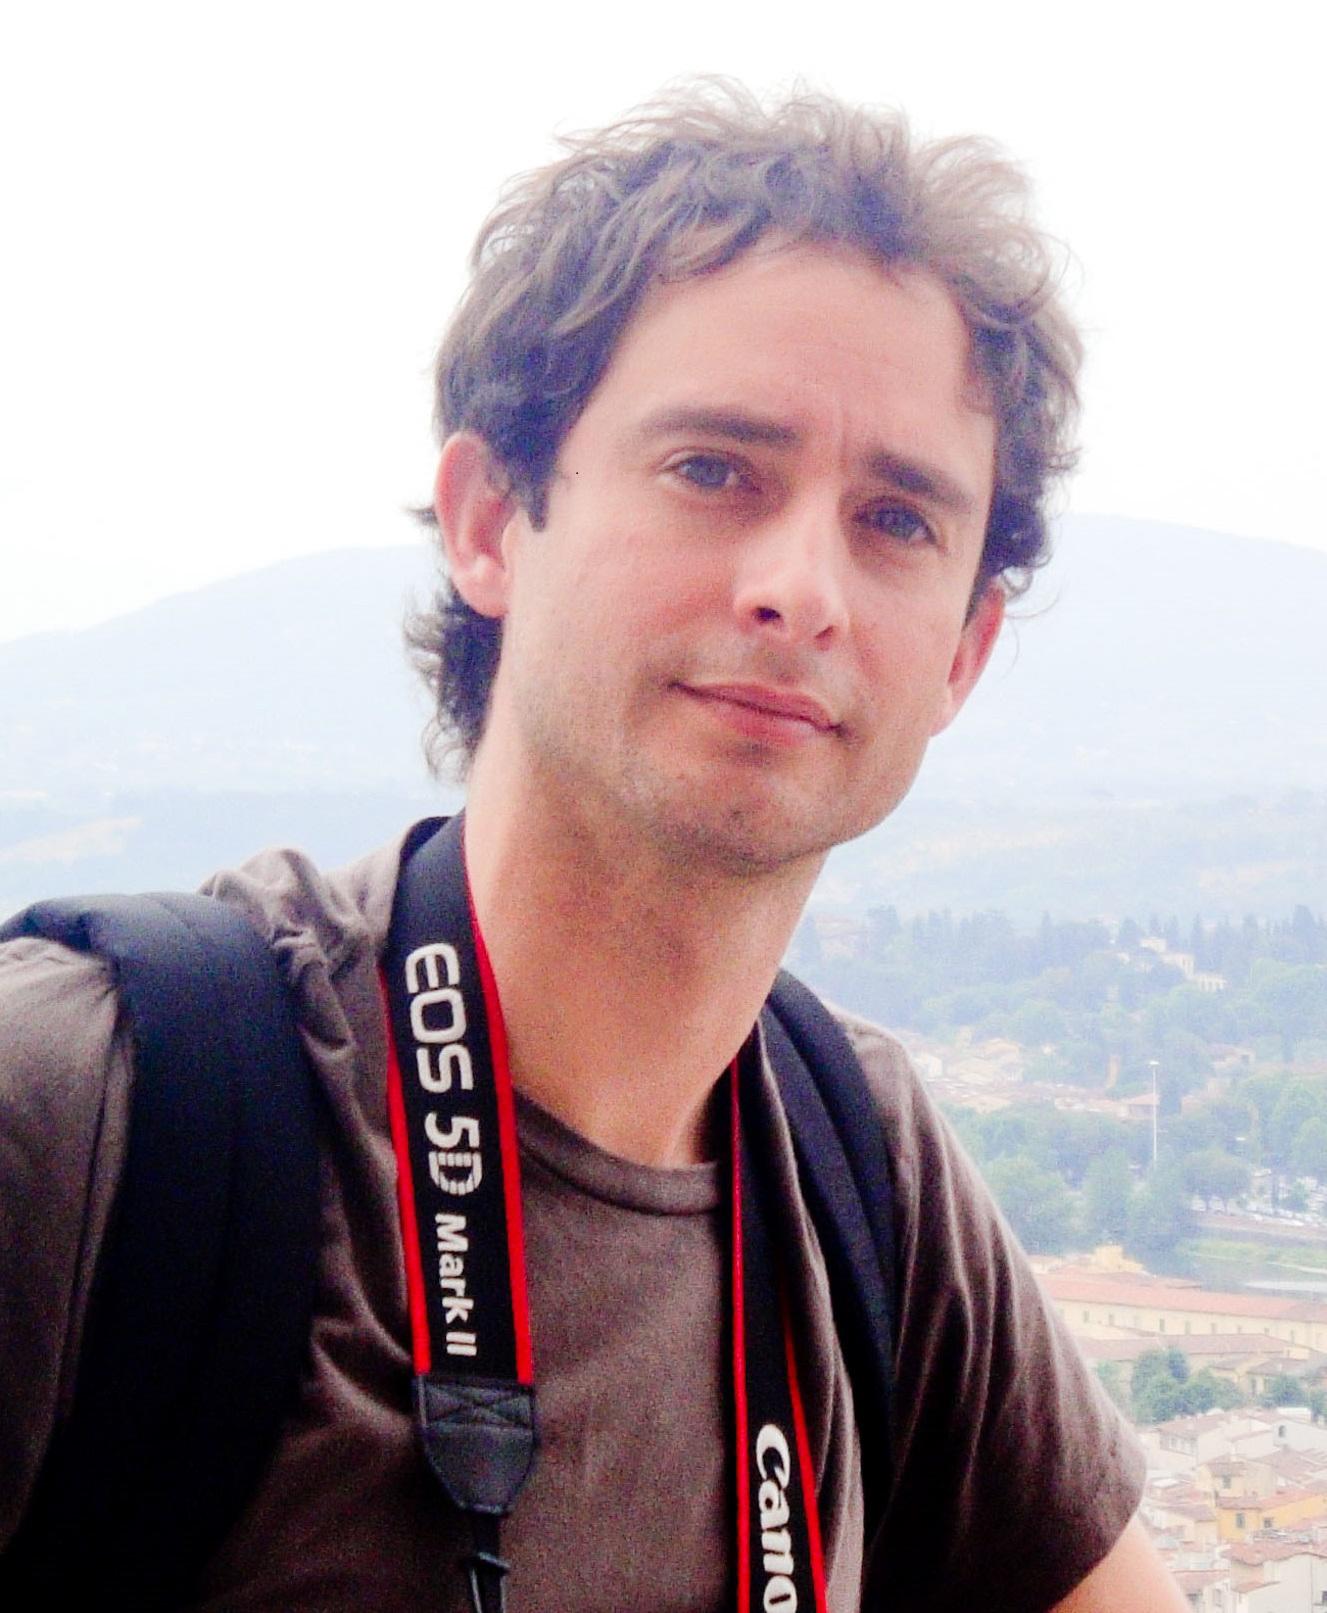 fotoperfil (3 of 1).JPG